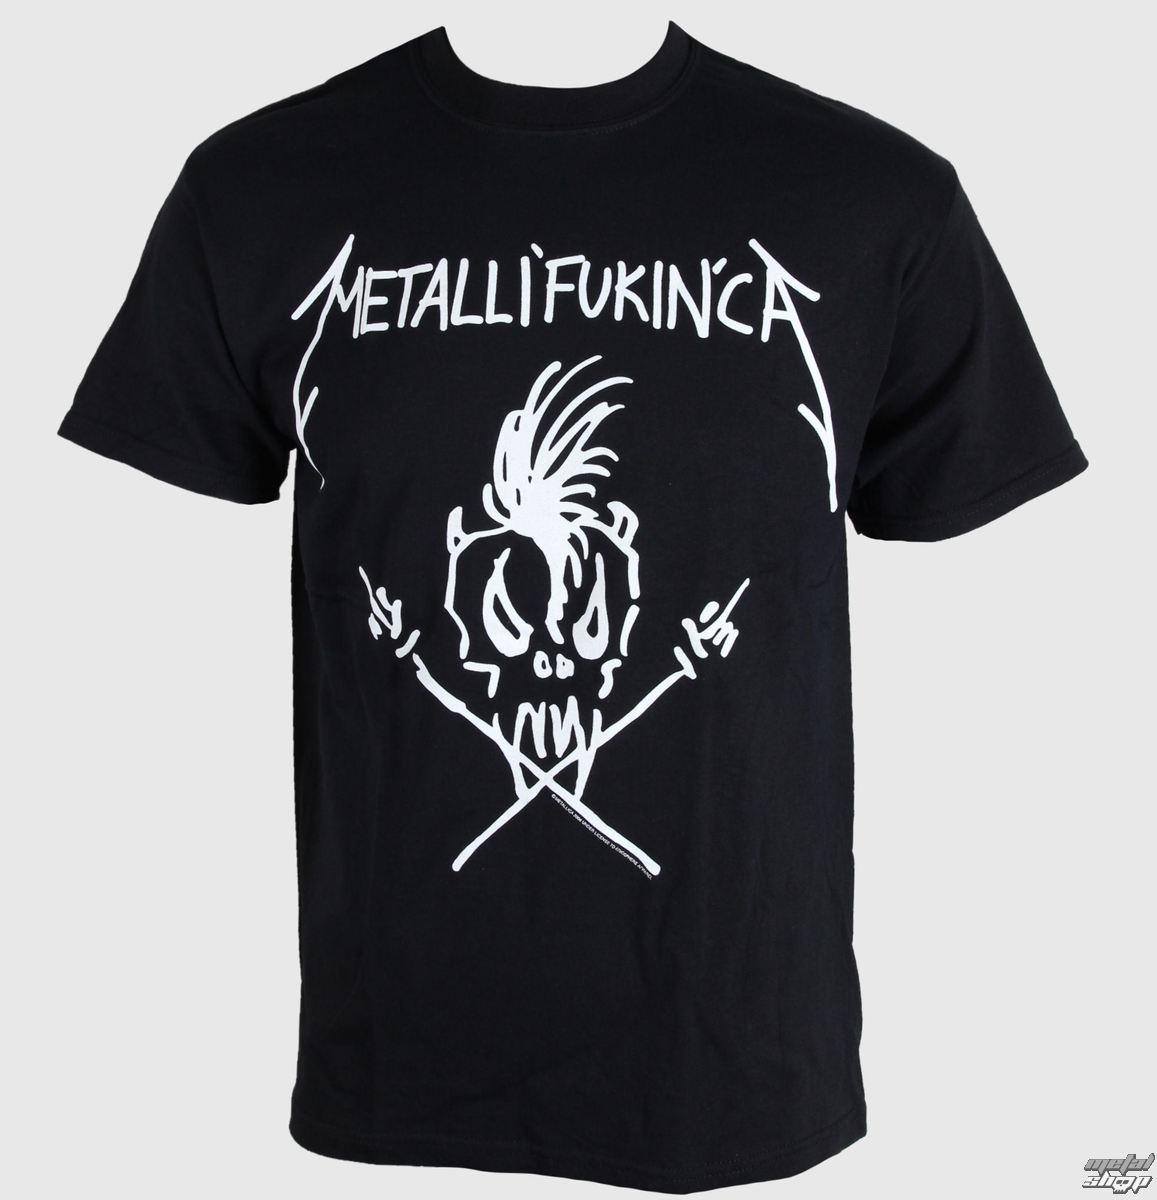 tričko pánske Metallica - Metalifukinca - Black - META499 - LIVE NATION